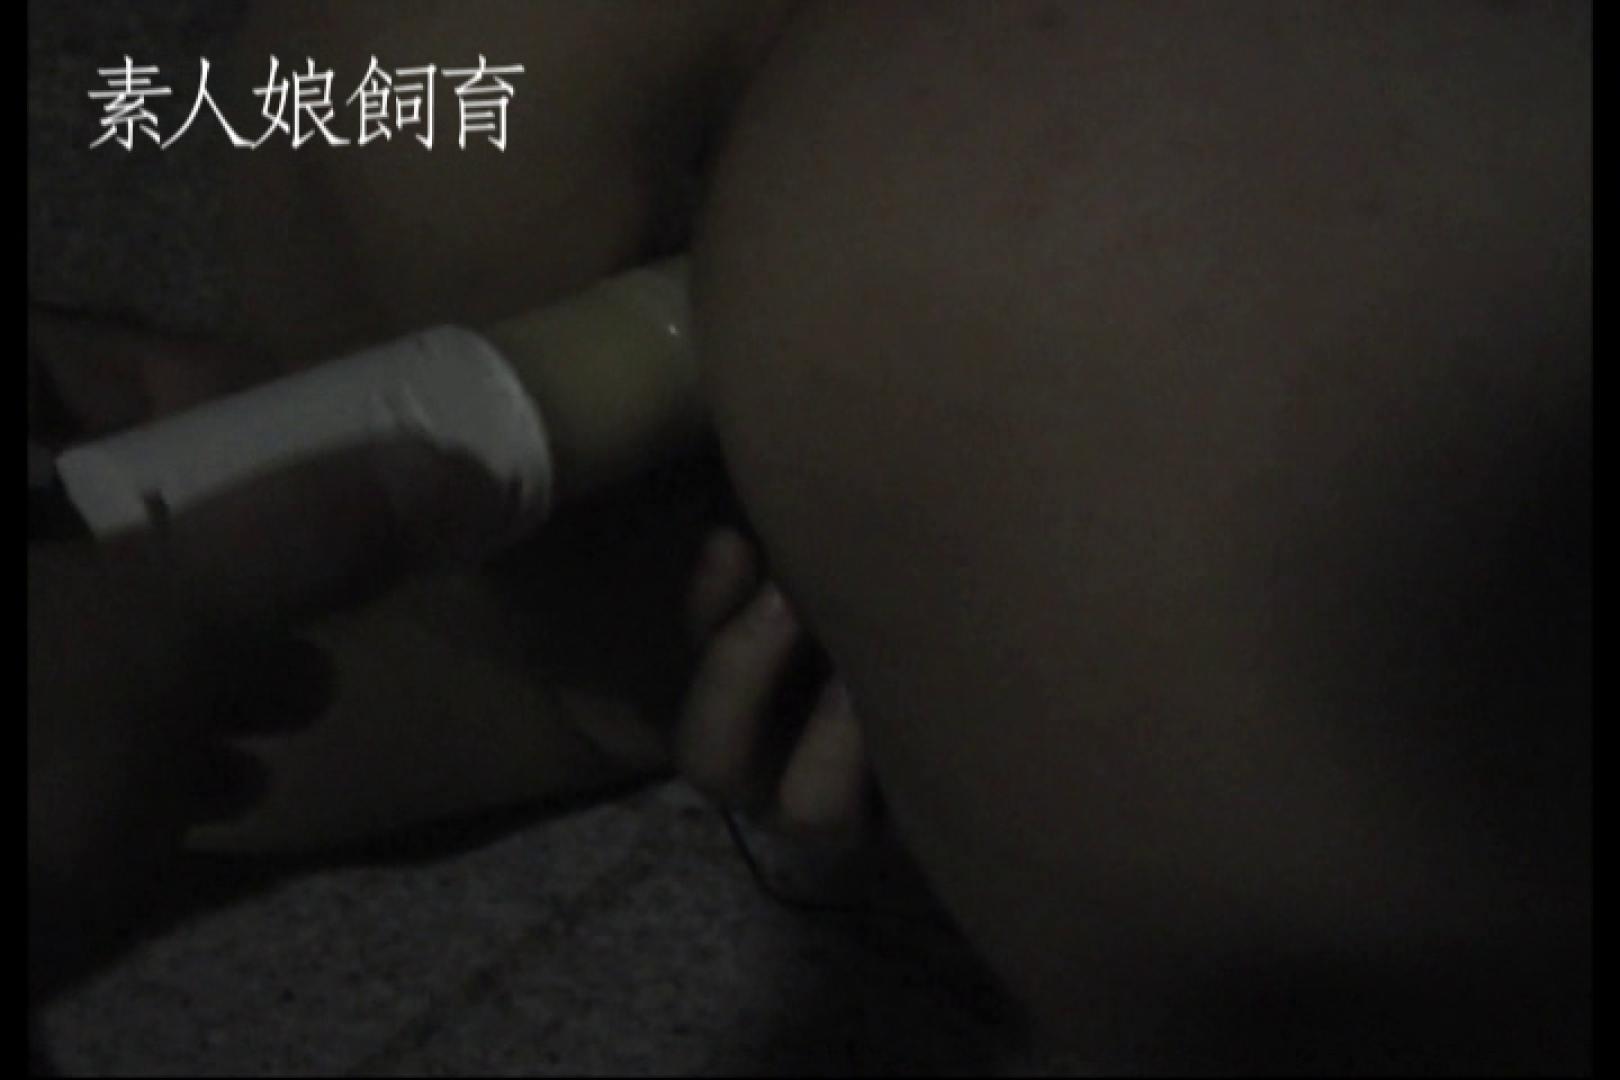 素人娘飼育~お前の餌は他人棒~公園でバイブとお漏らし 野外 アダルト動画キャプチャ 71pic 9